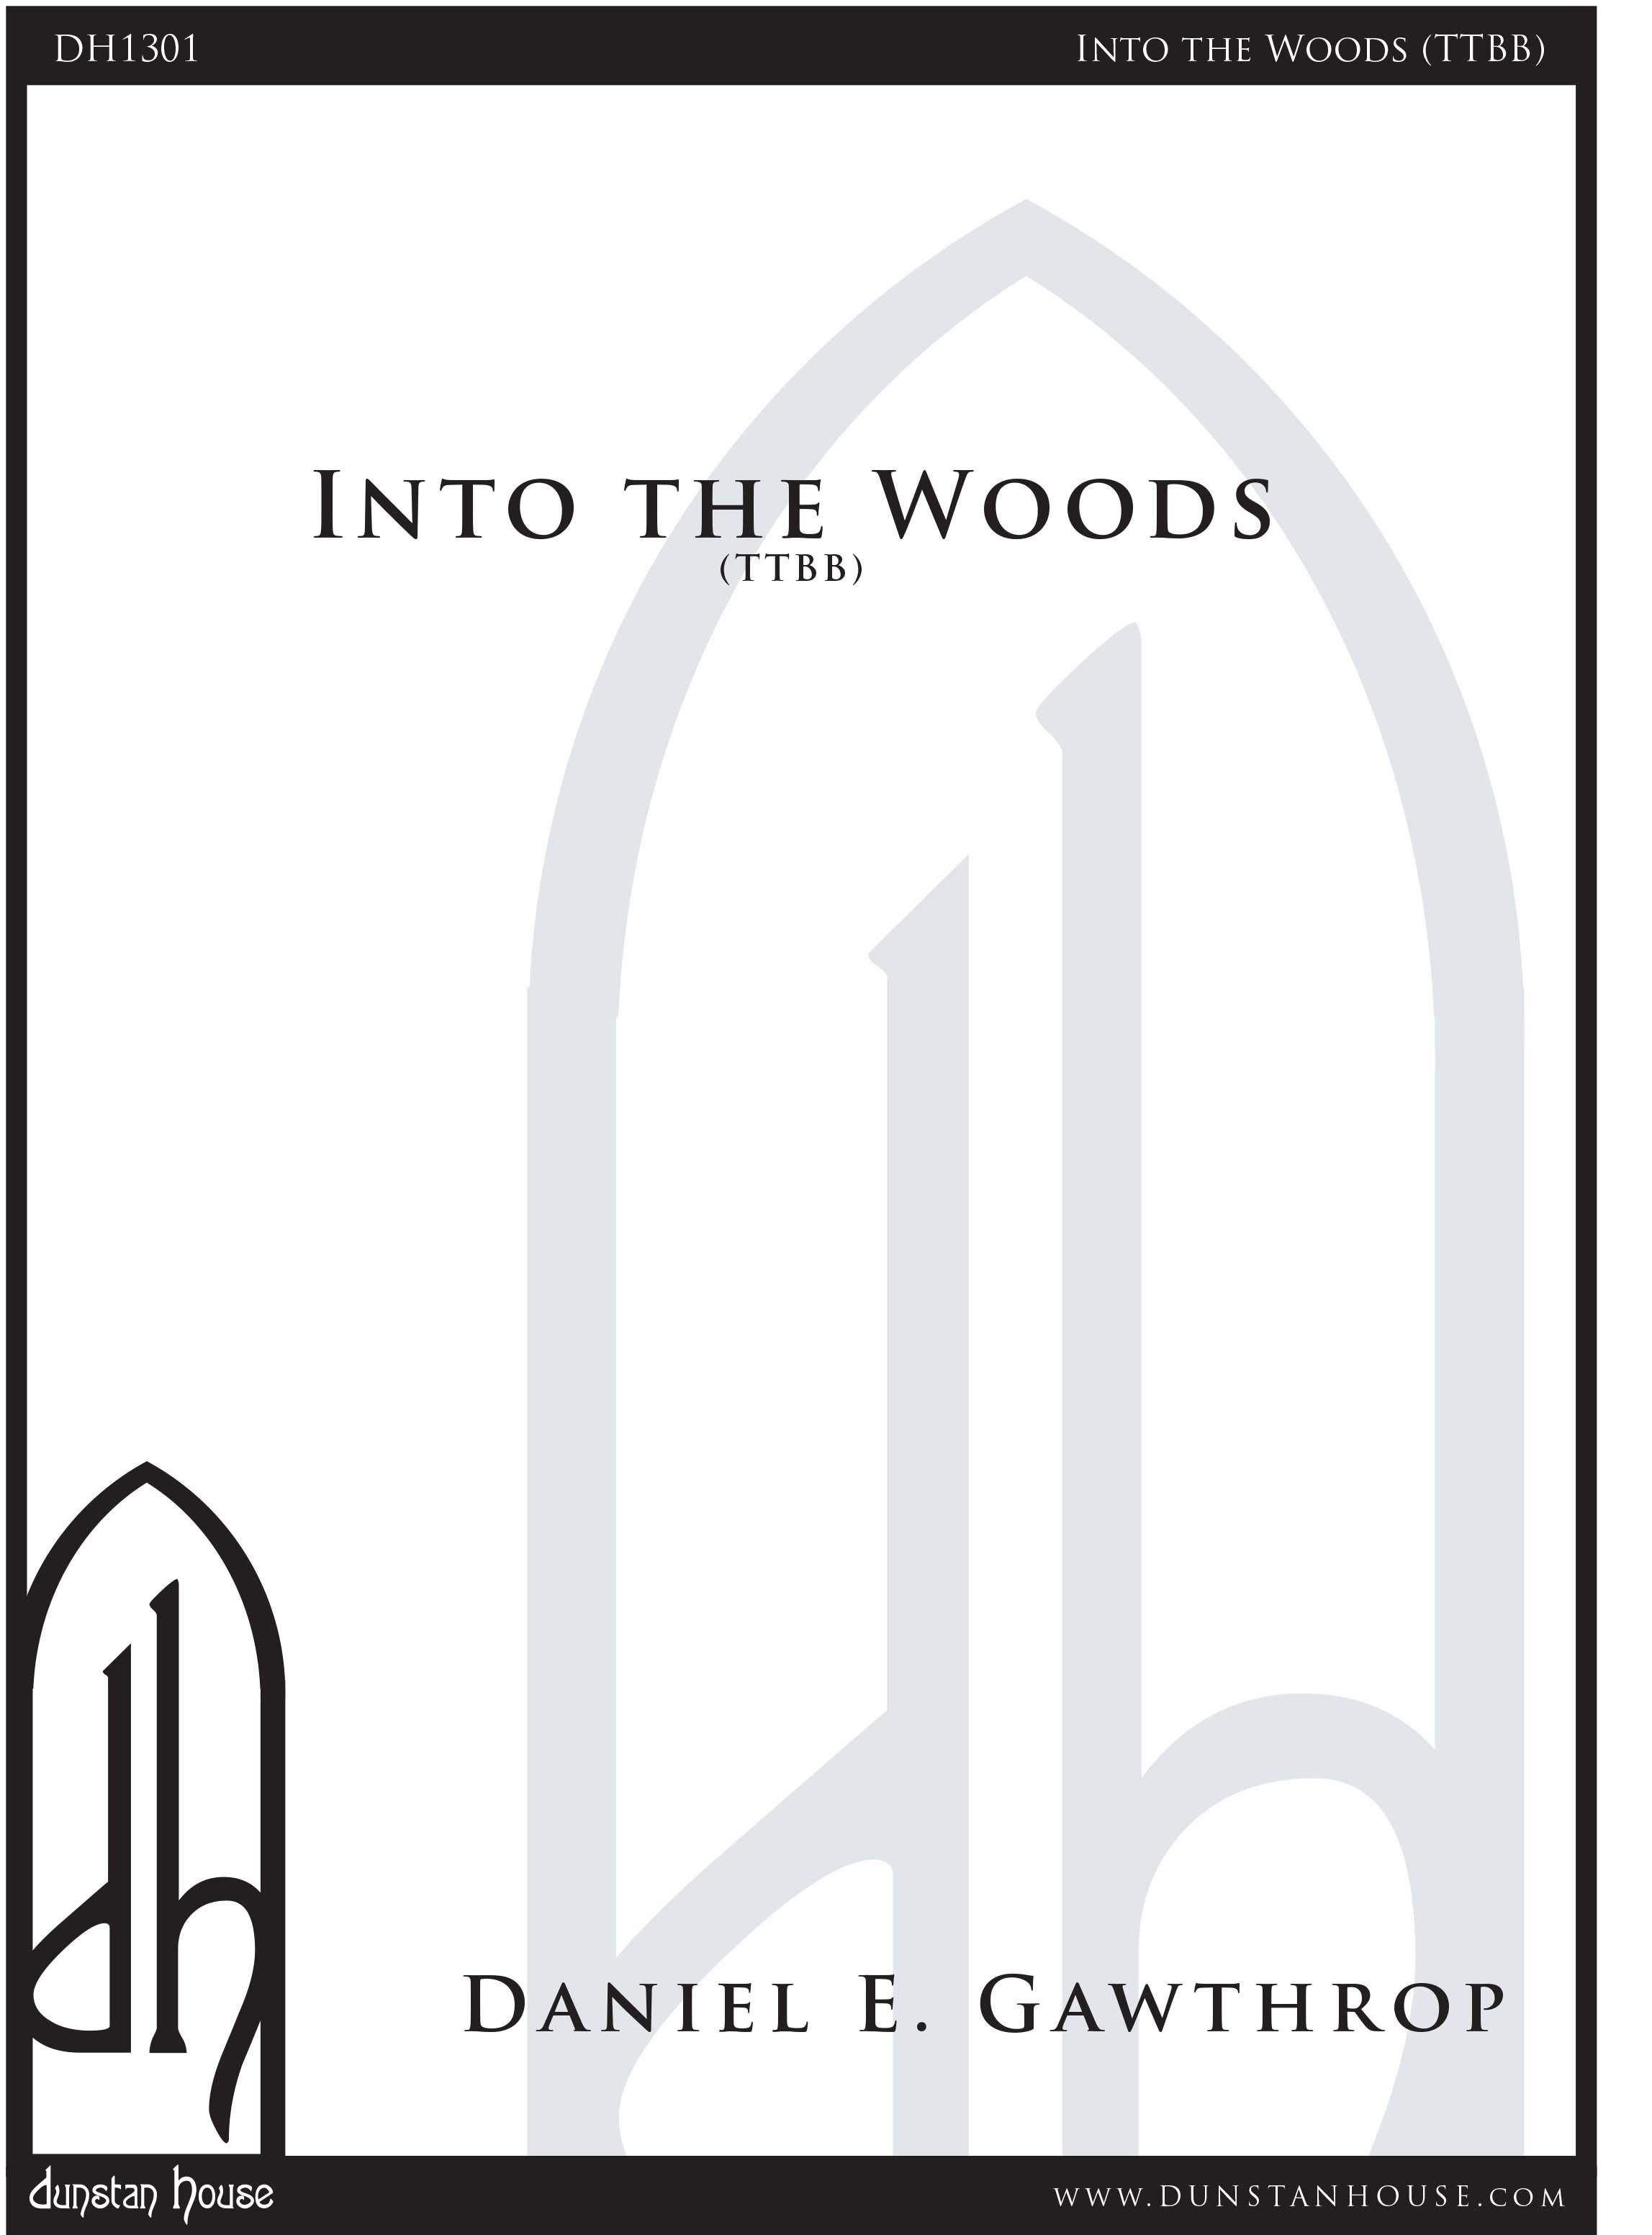 Into the Woods - TTBB